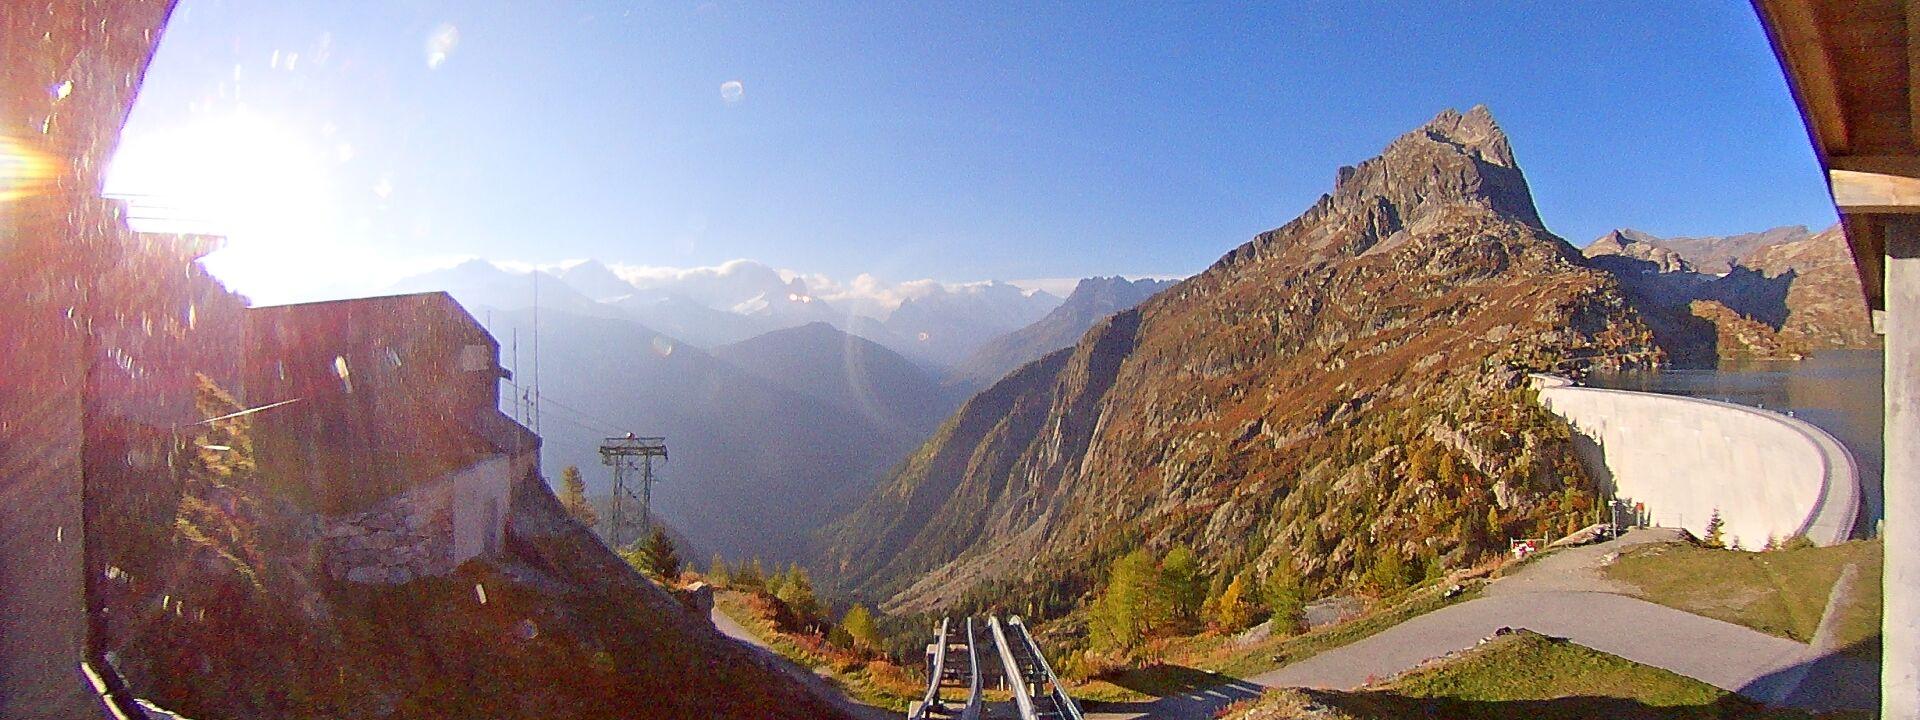 Massif du Mont-Blanc, depuis VeticAlp Emosson